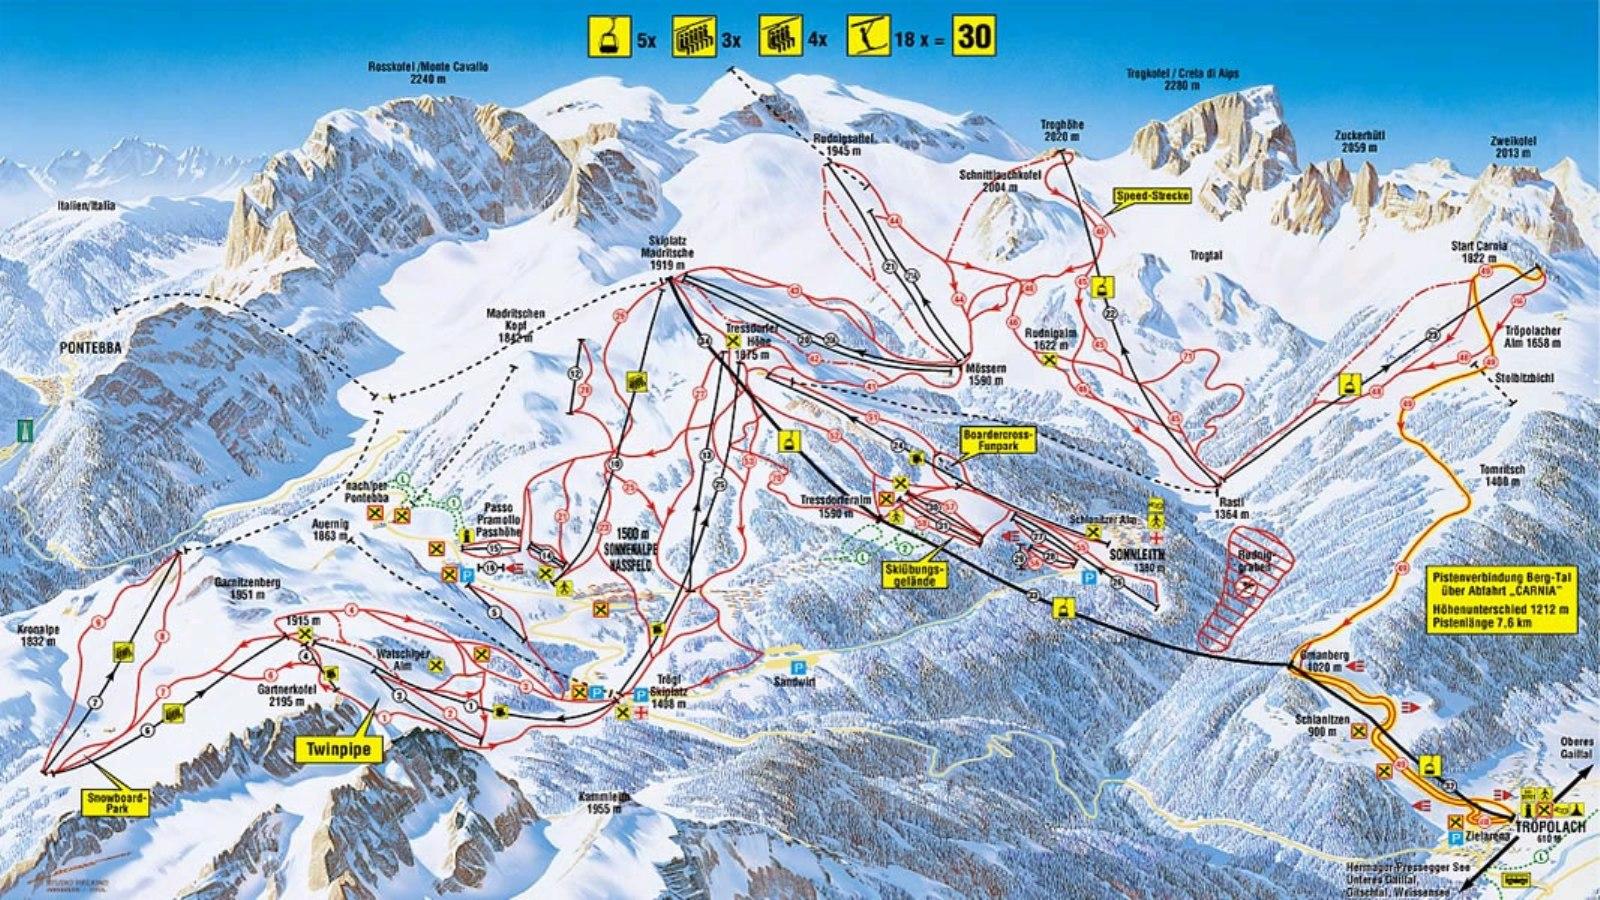 nassfeld térkép